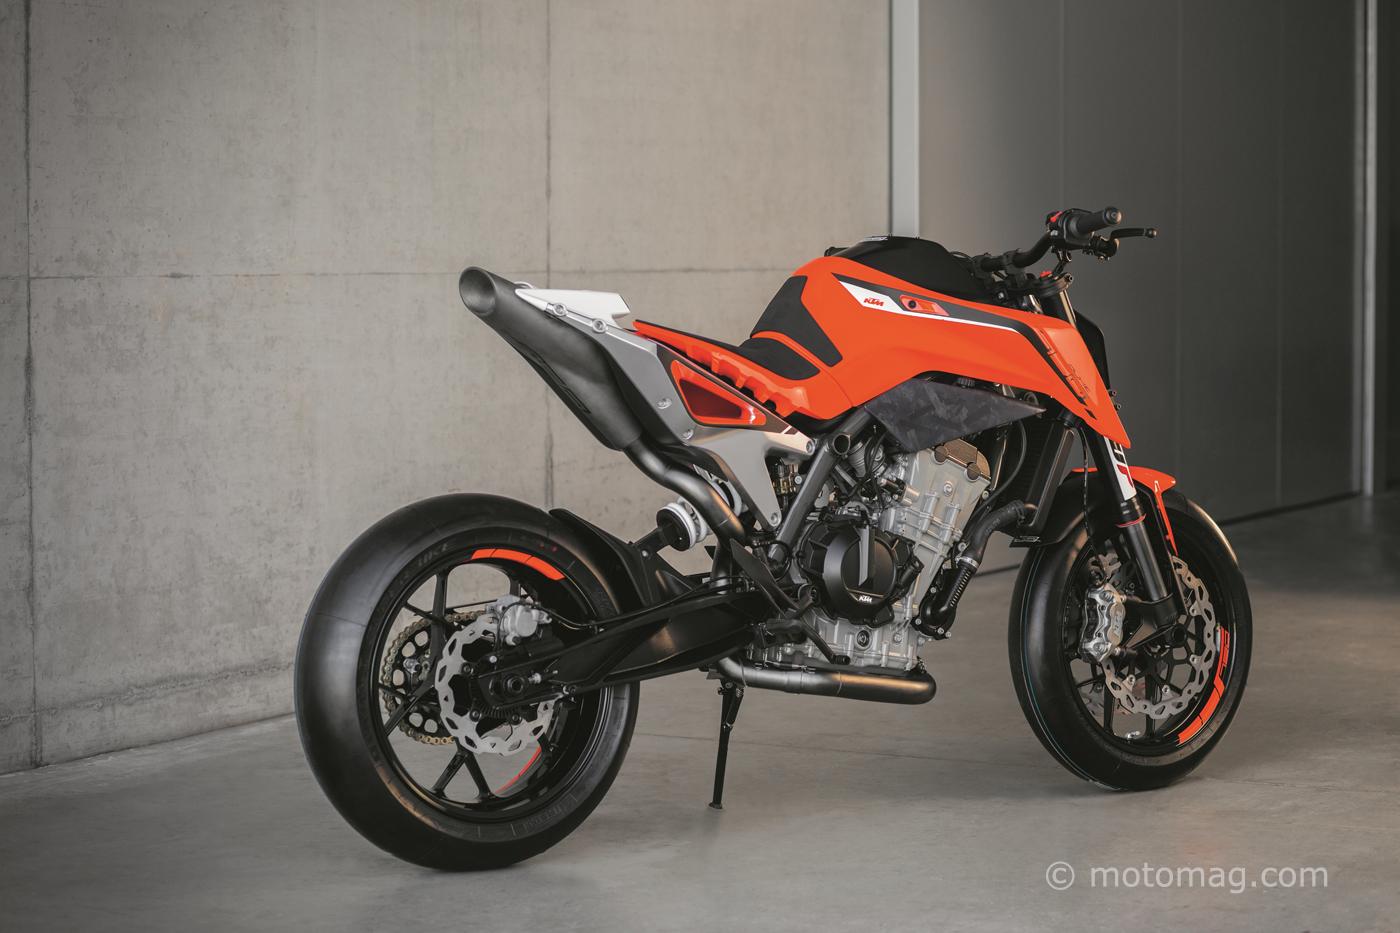 ktm 790 duke prototype prometteur pour 2018 moto magazine leader de l actualit de la moto. Black Bedroom Furniture Sets. Home Design Ideas